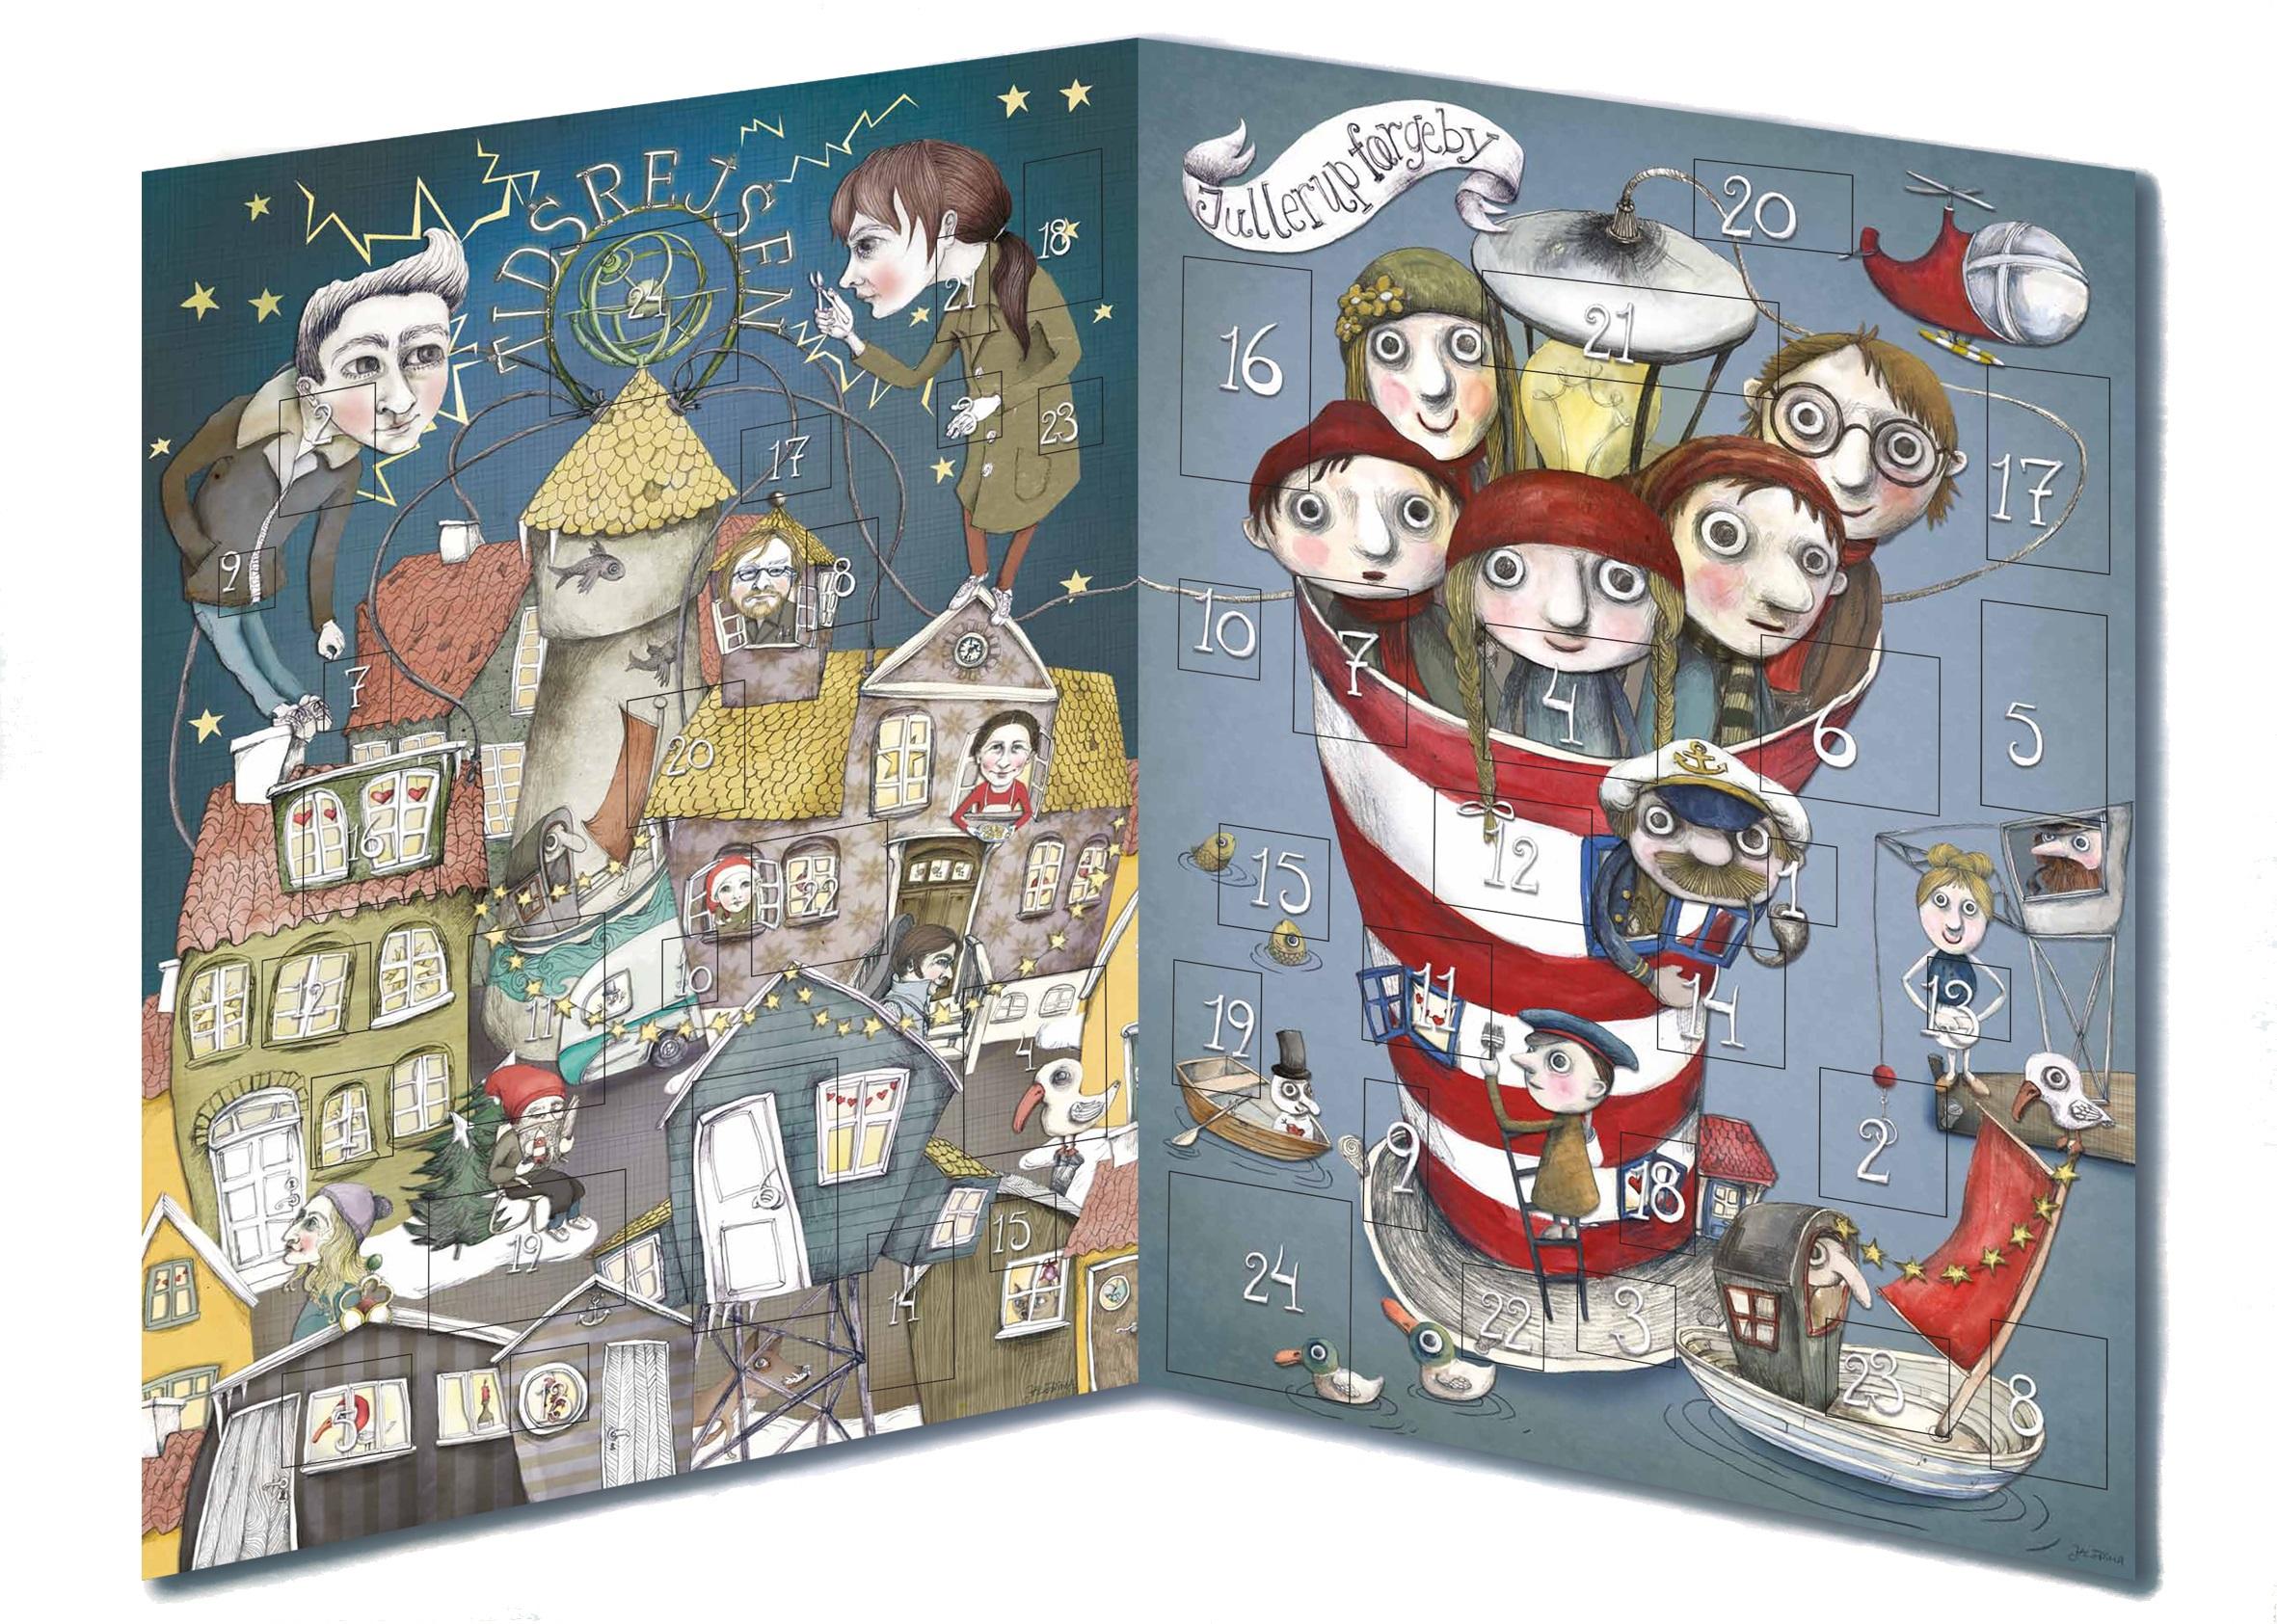 Tidsrejsen og Jullerup Faergeby Boernenes U-landskalender 2014